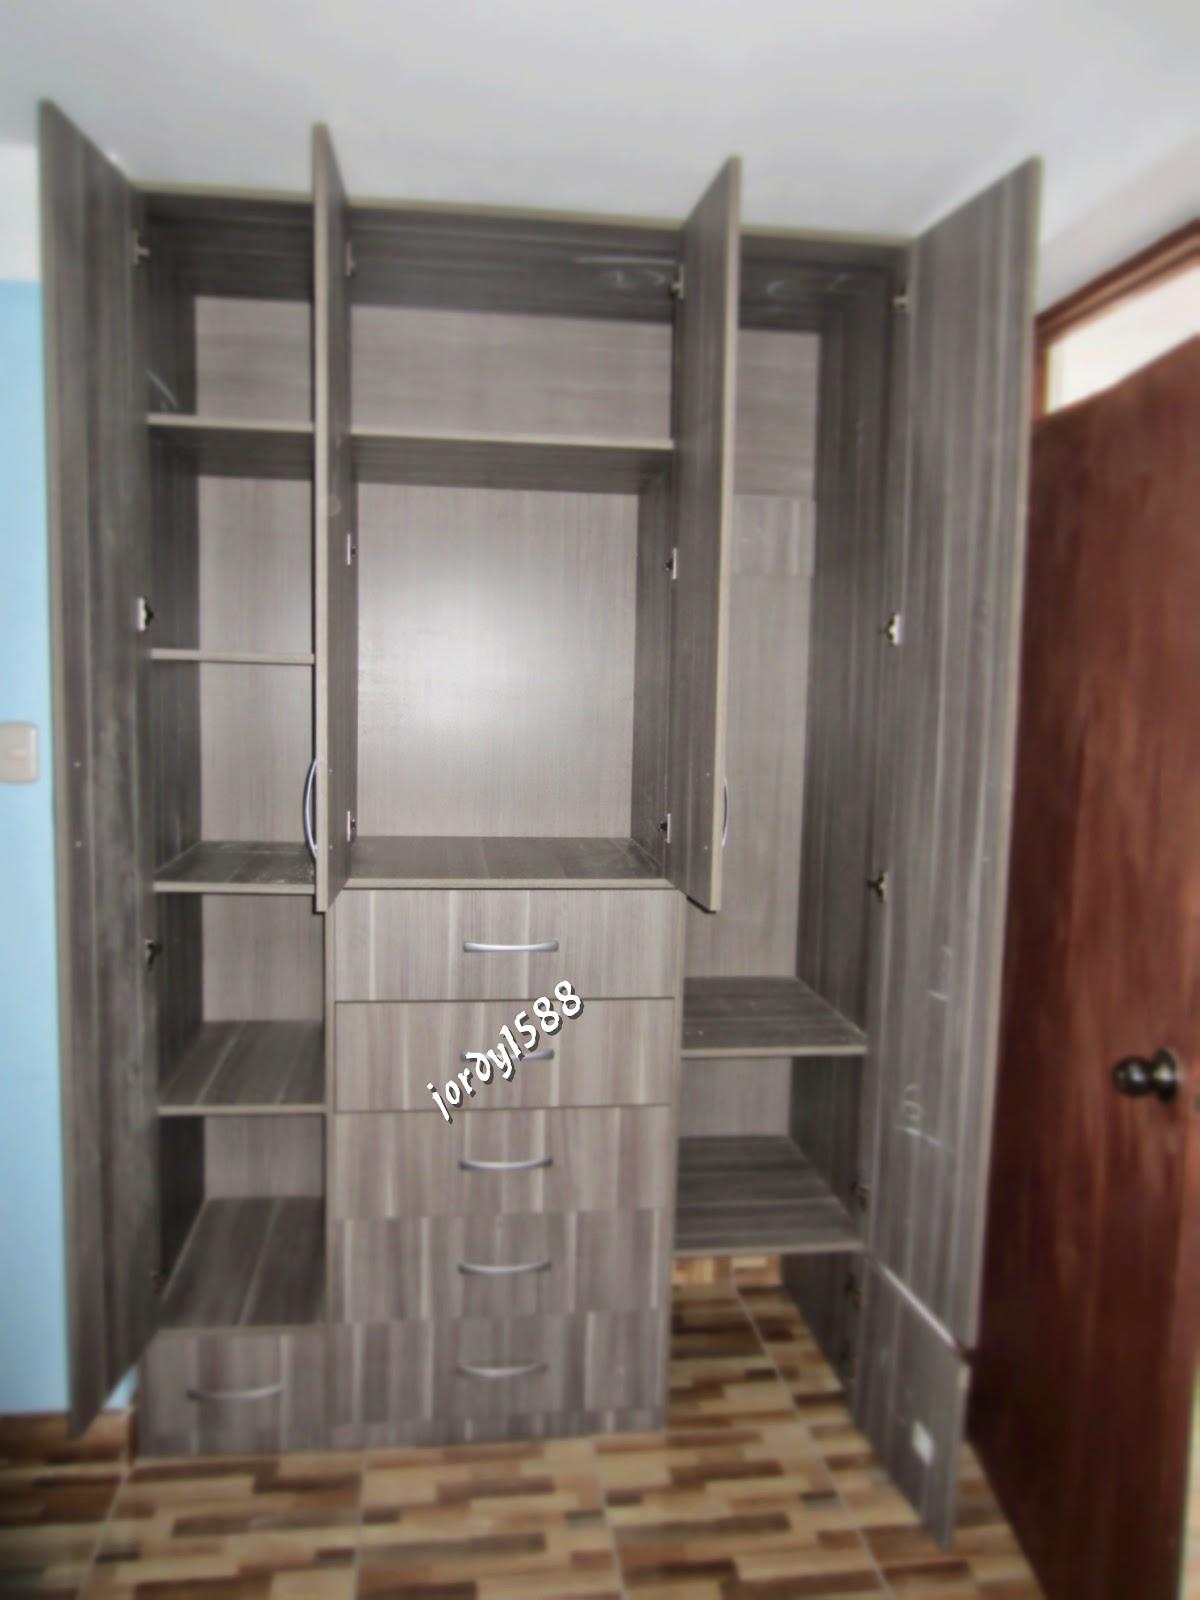 Puertas de roperos empotrados armarios empotrados - Roperos empotrados ...